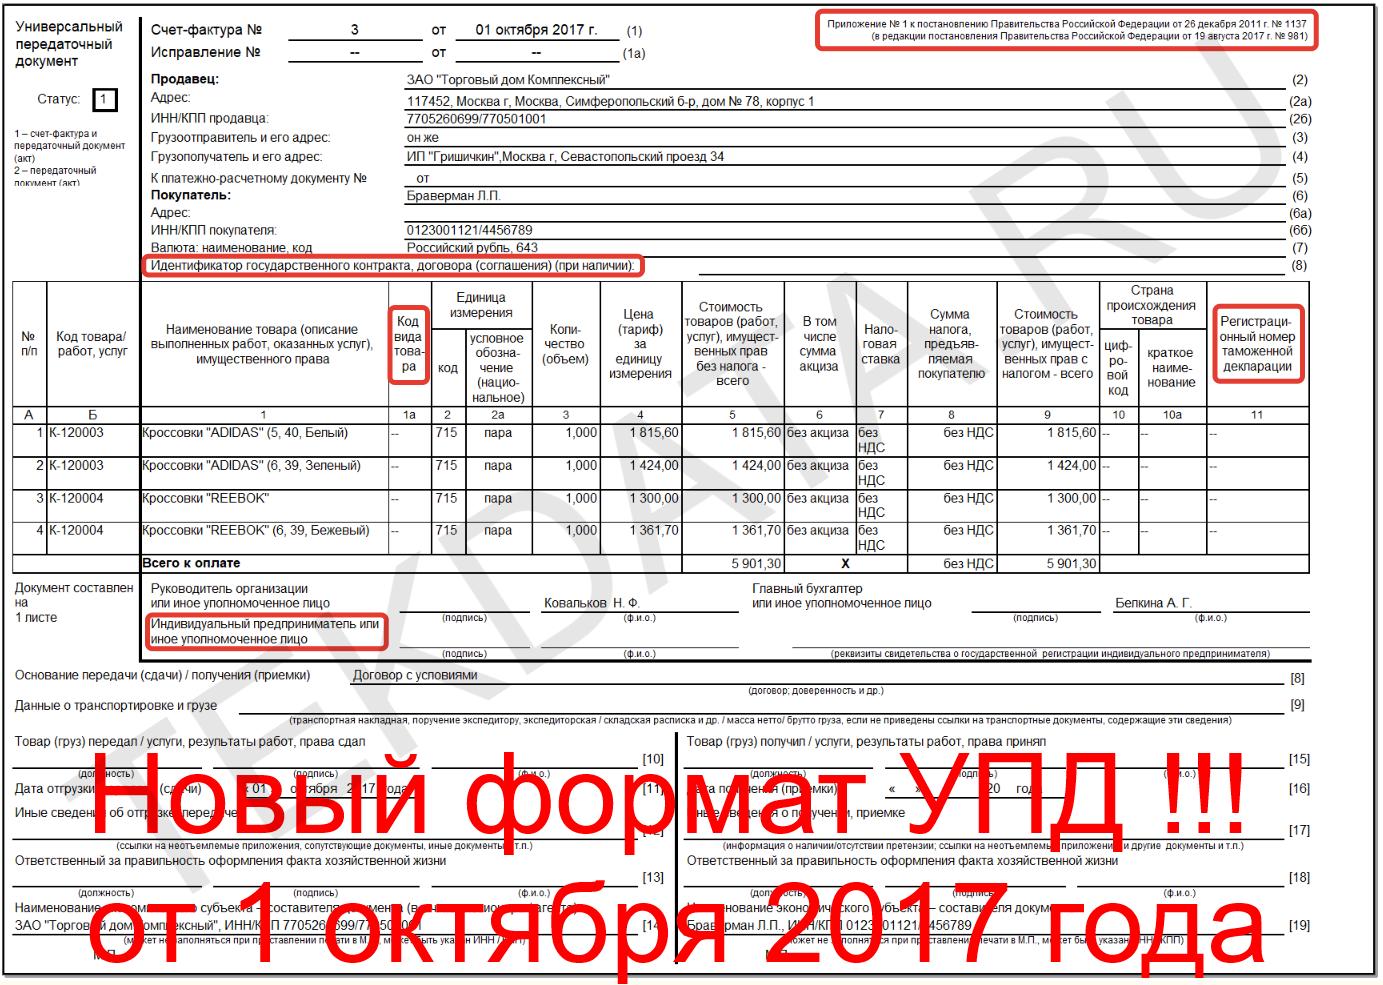 УПД для 1С ERP Управление предприятием 2.2 (НОВЫЙ ФОРМАТ ⚑ от 1-го Октября 2017!) (Внешняя печатная форма)